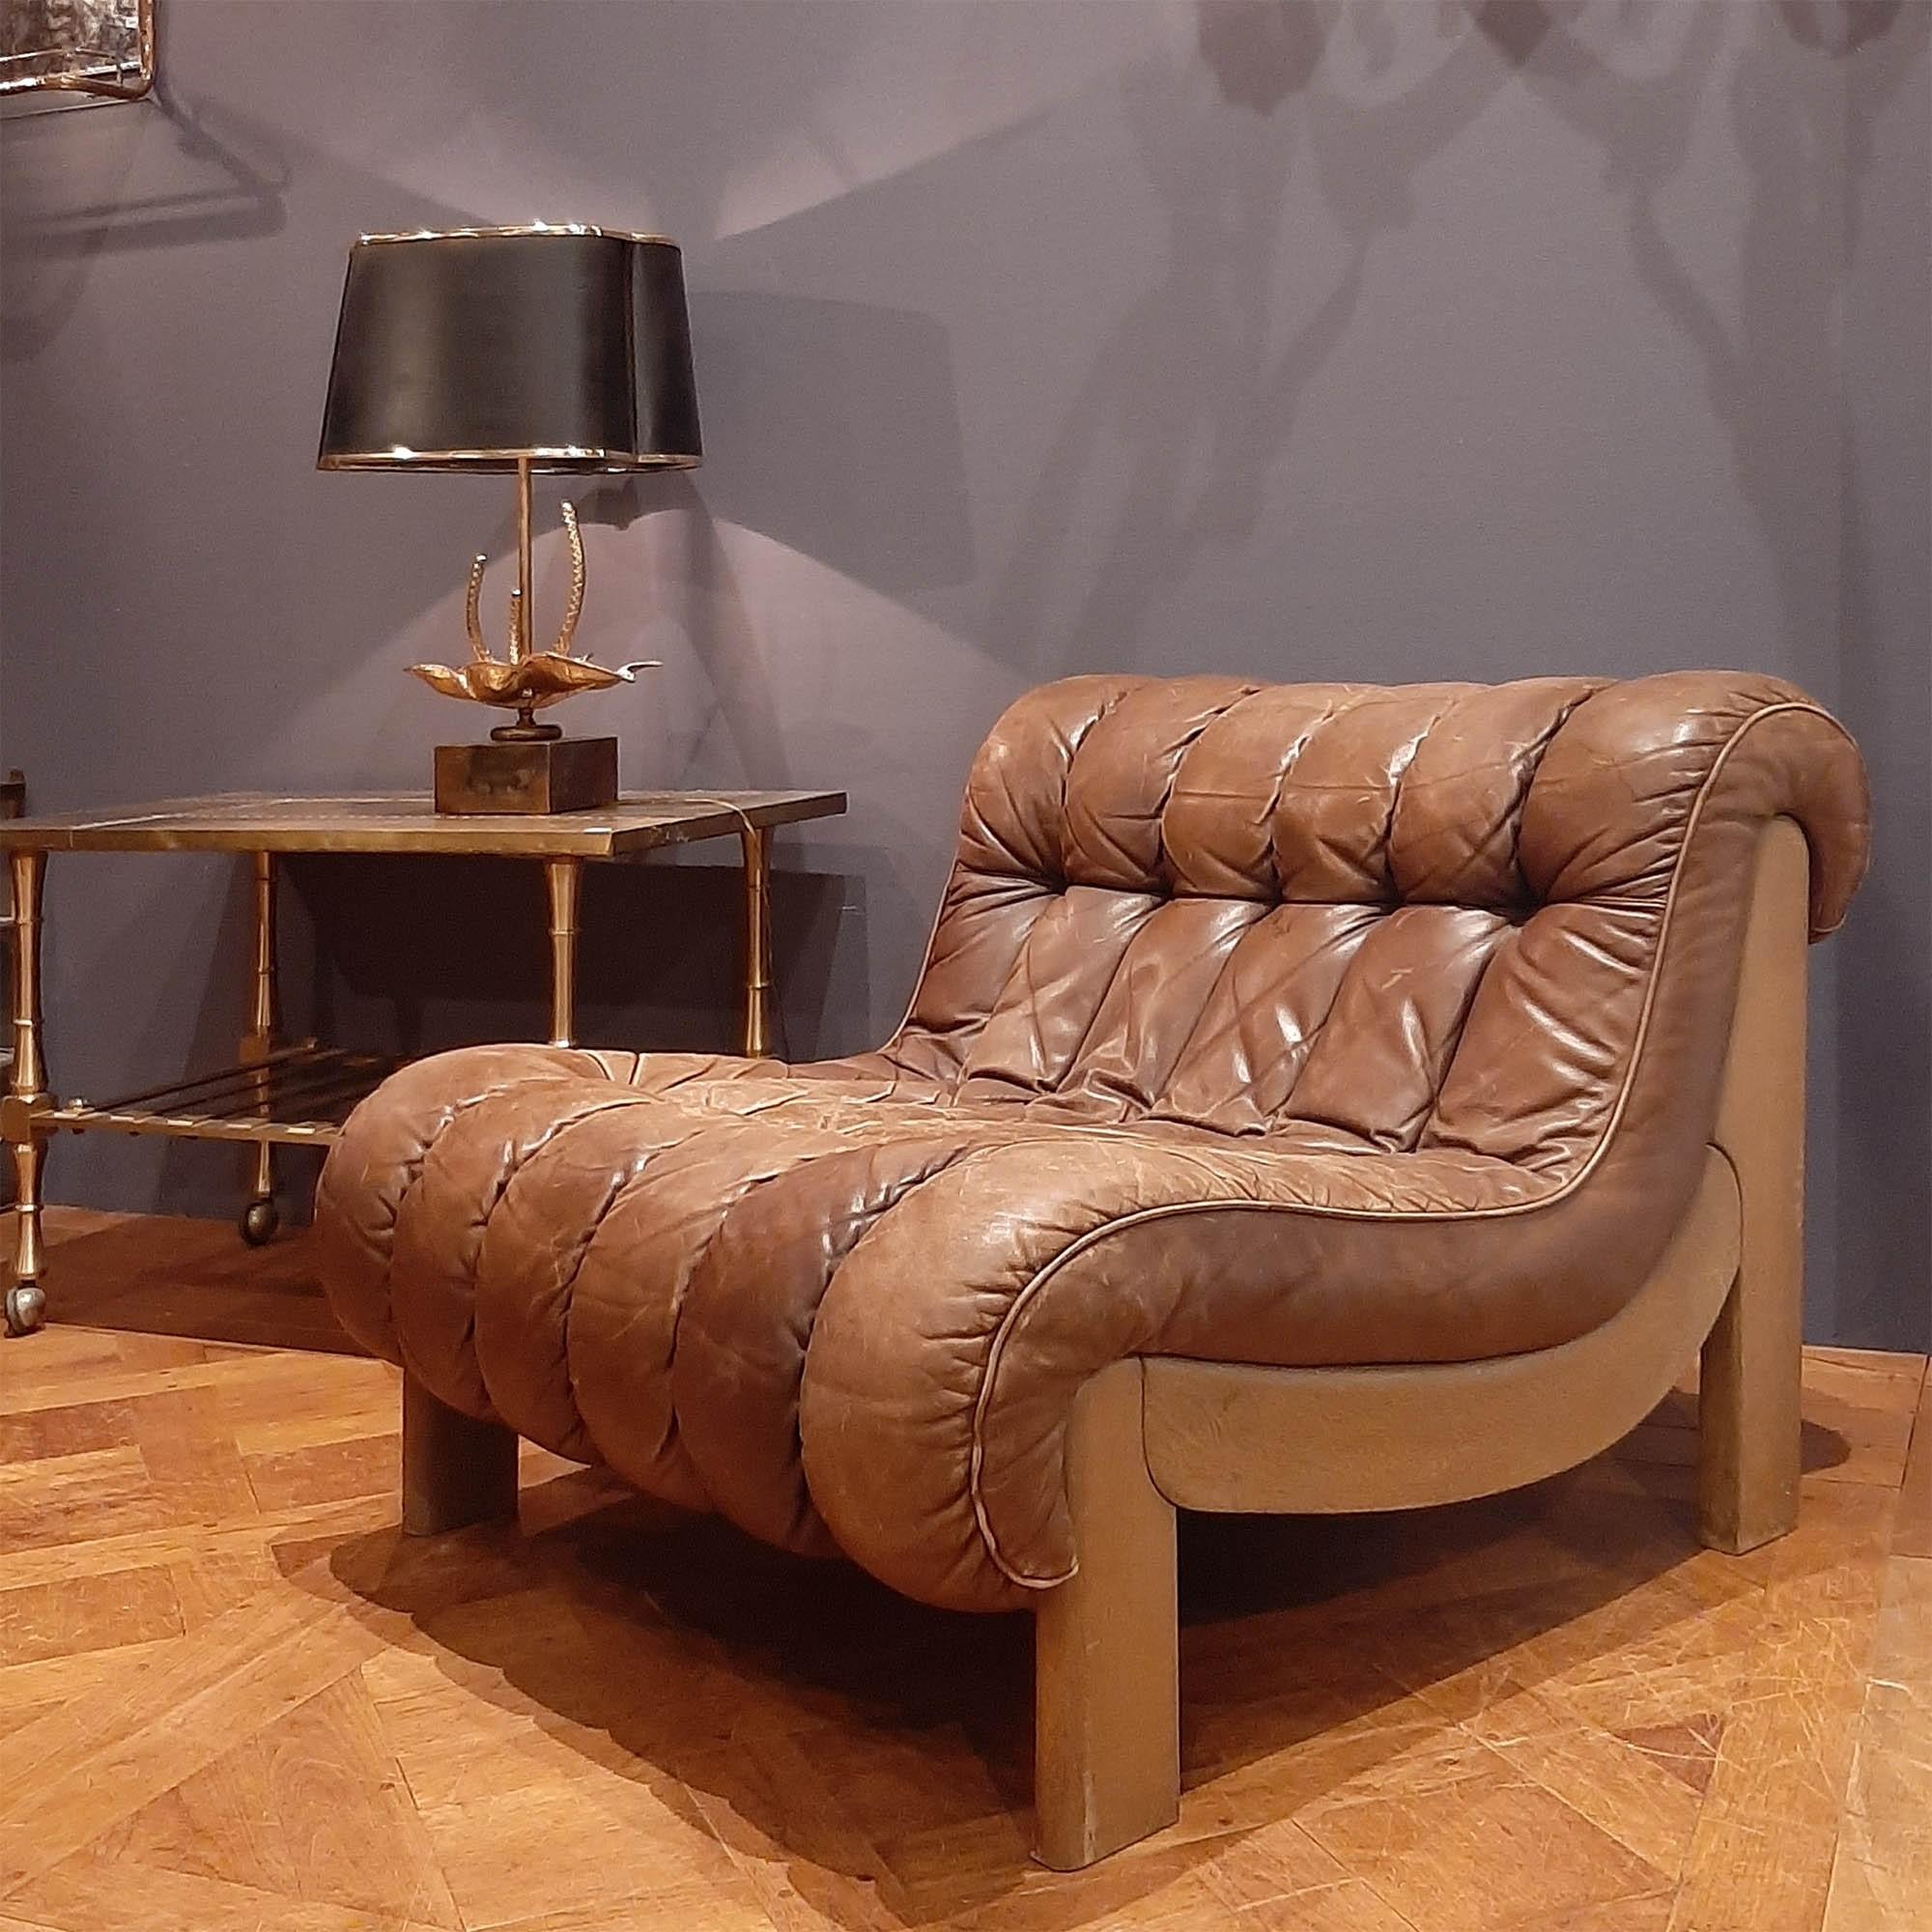 Lederen fauteuil in de stijl van De Sede